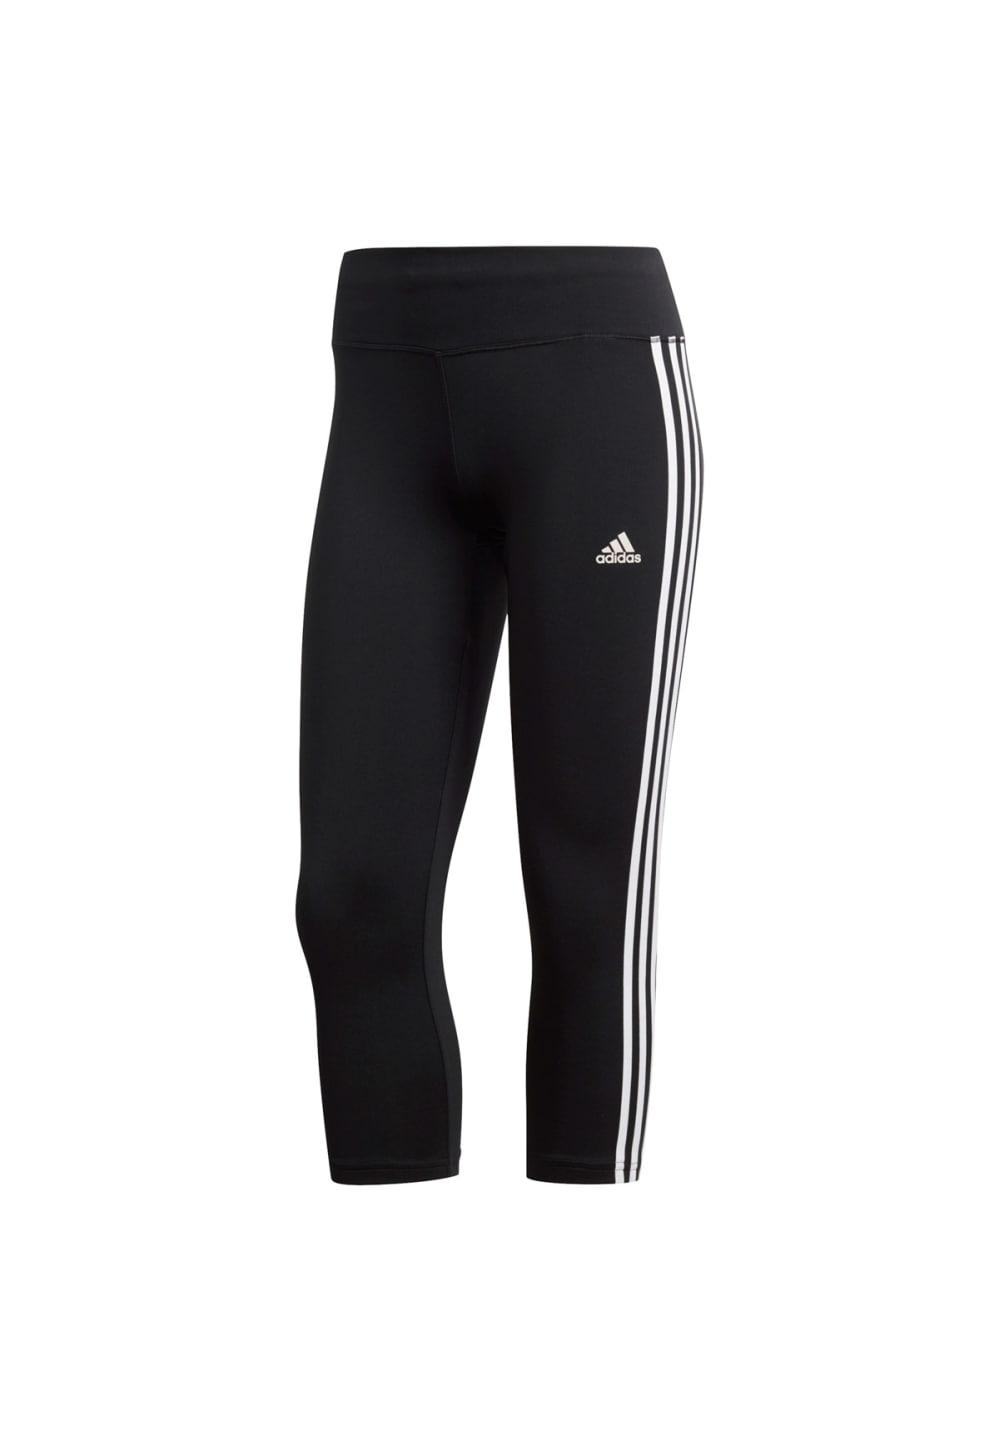 adidas Designed 2 Move Climalite 3/4-tight - Fitnesshosen für Damen - Schwarz